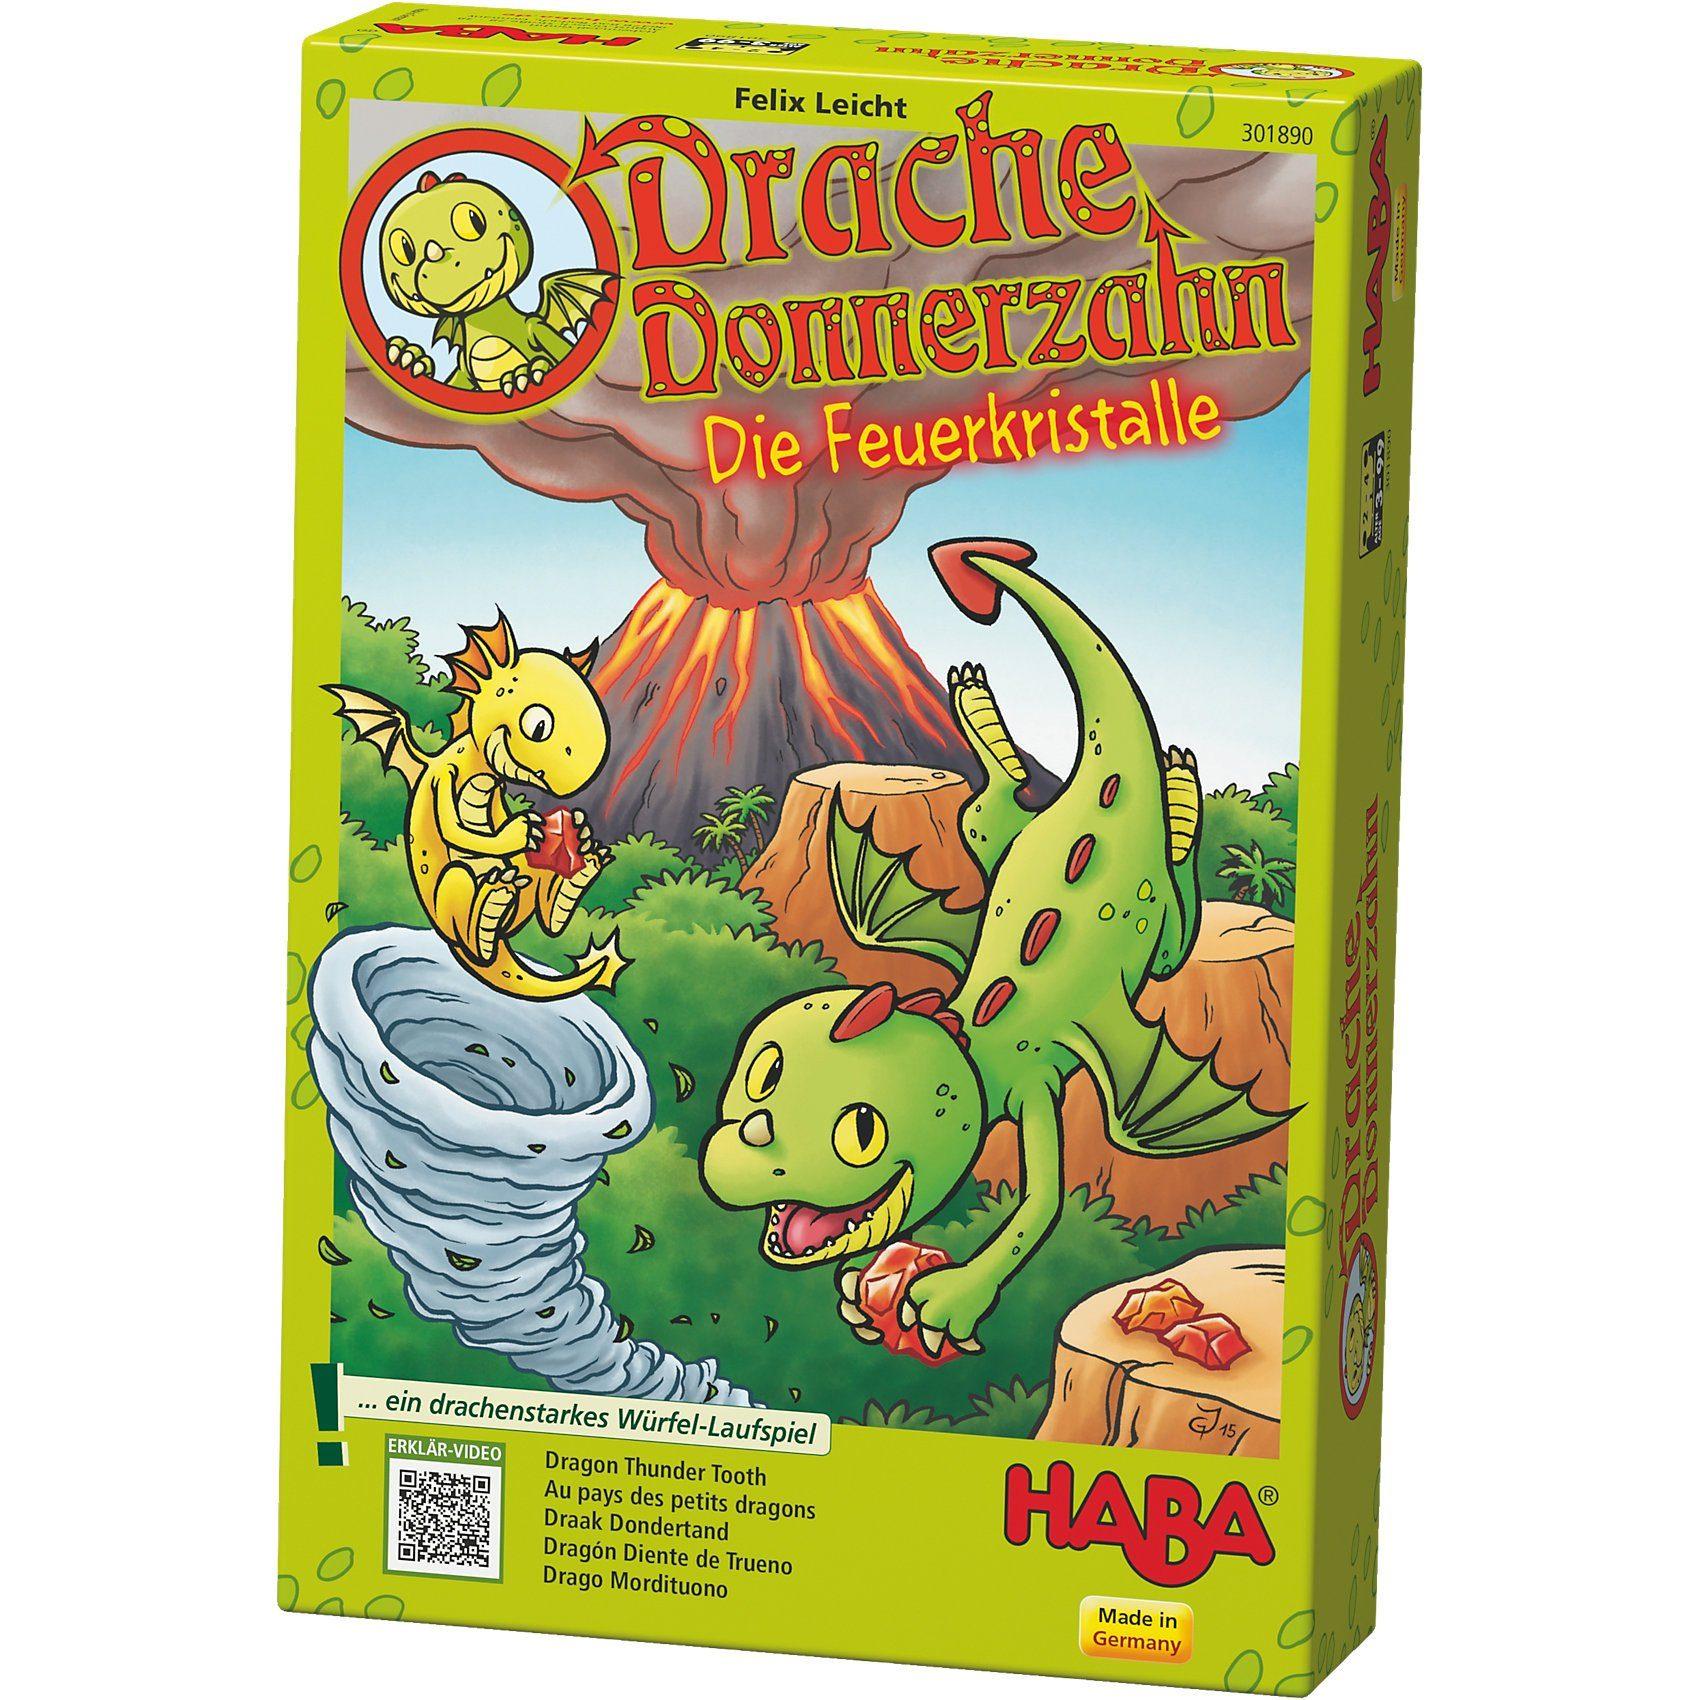 Haba Drache Donnerzahn - Die Feuerkristalle